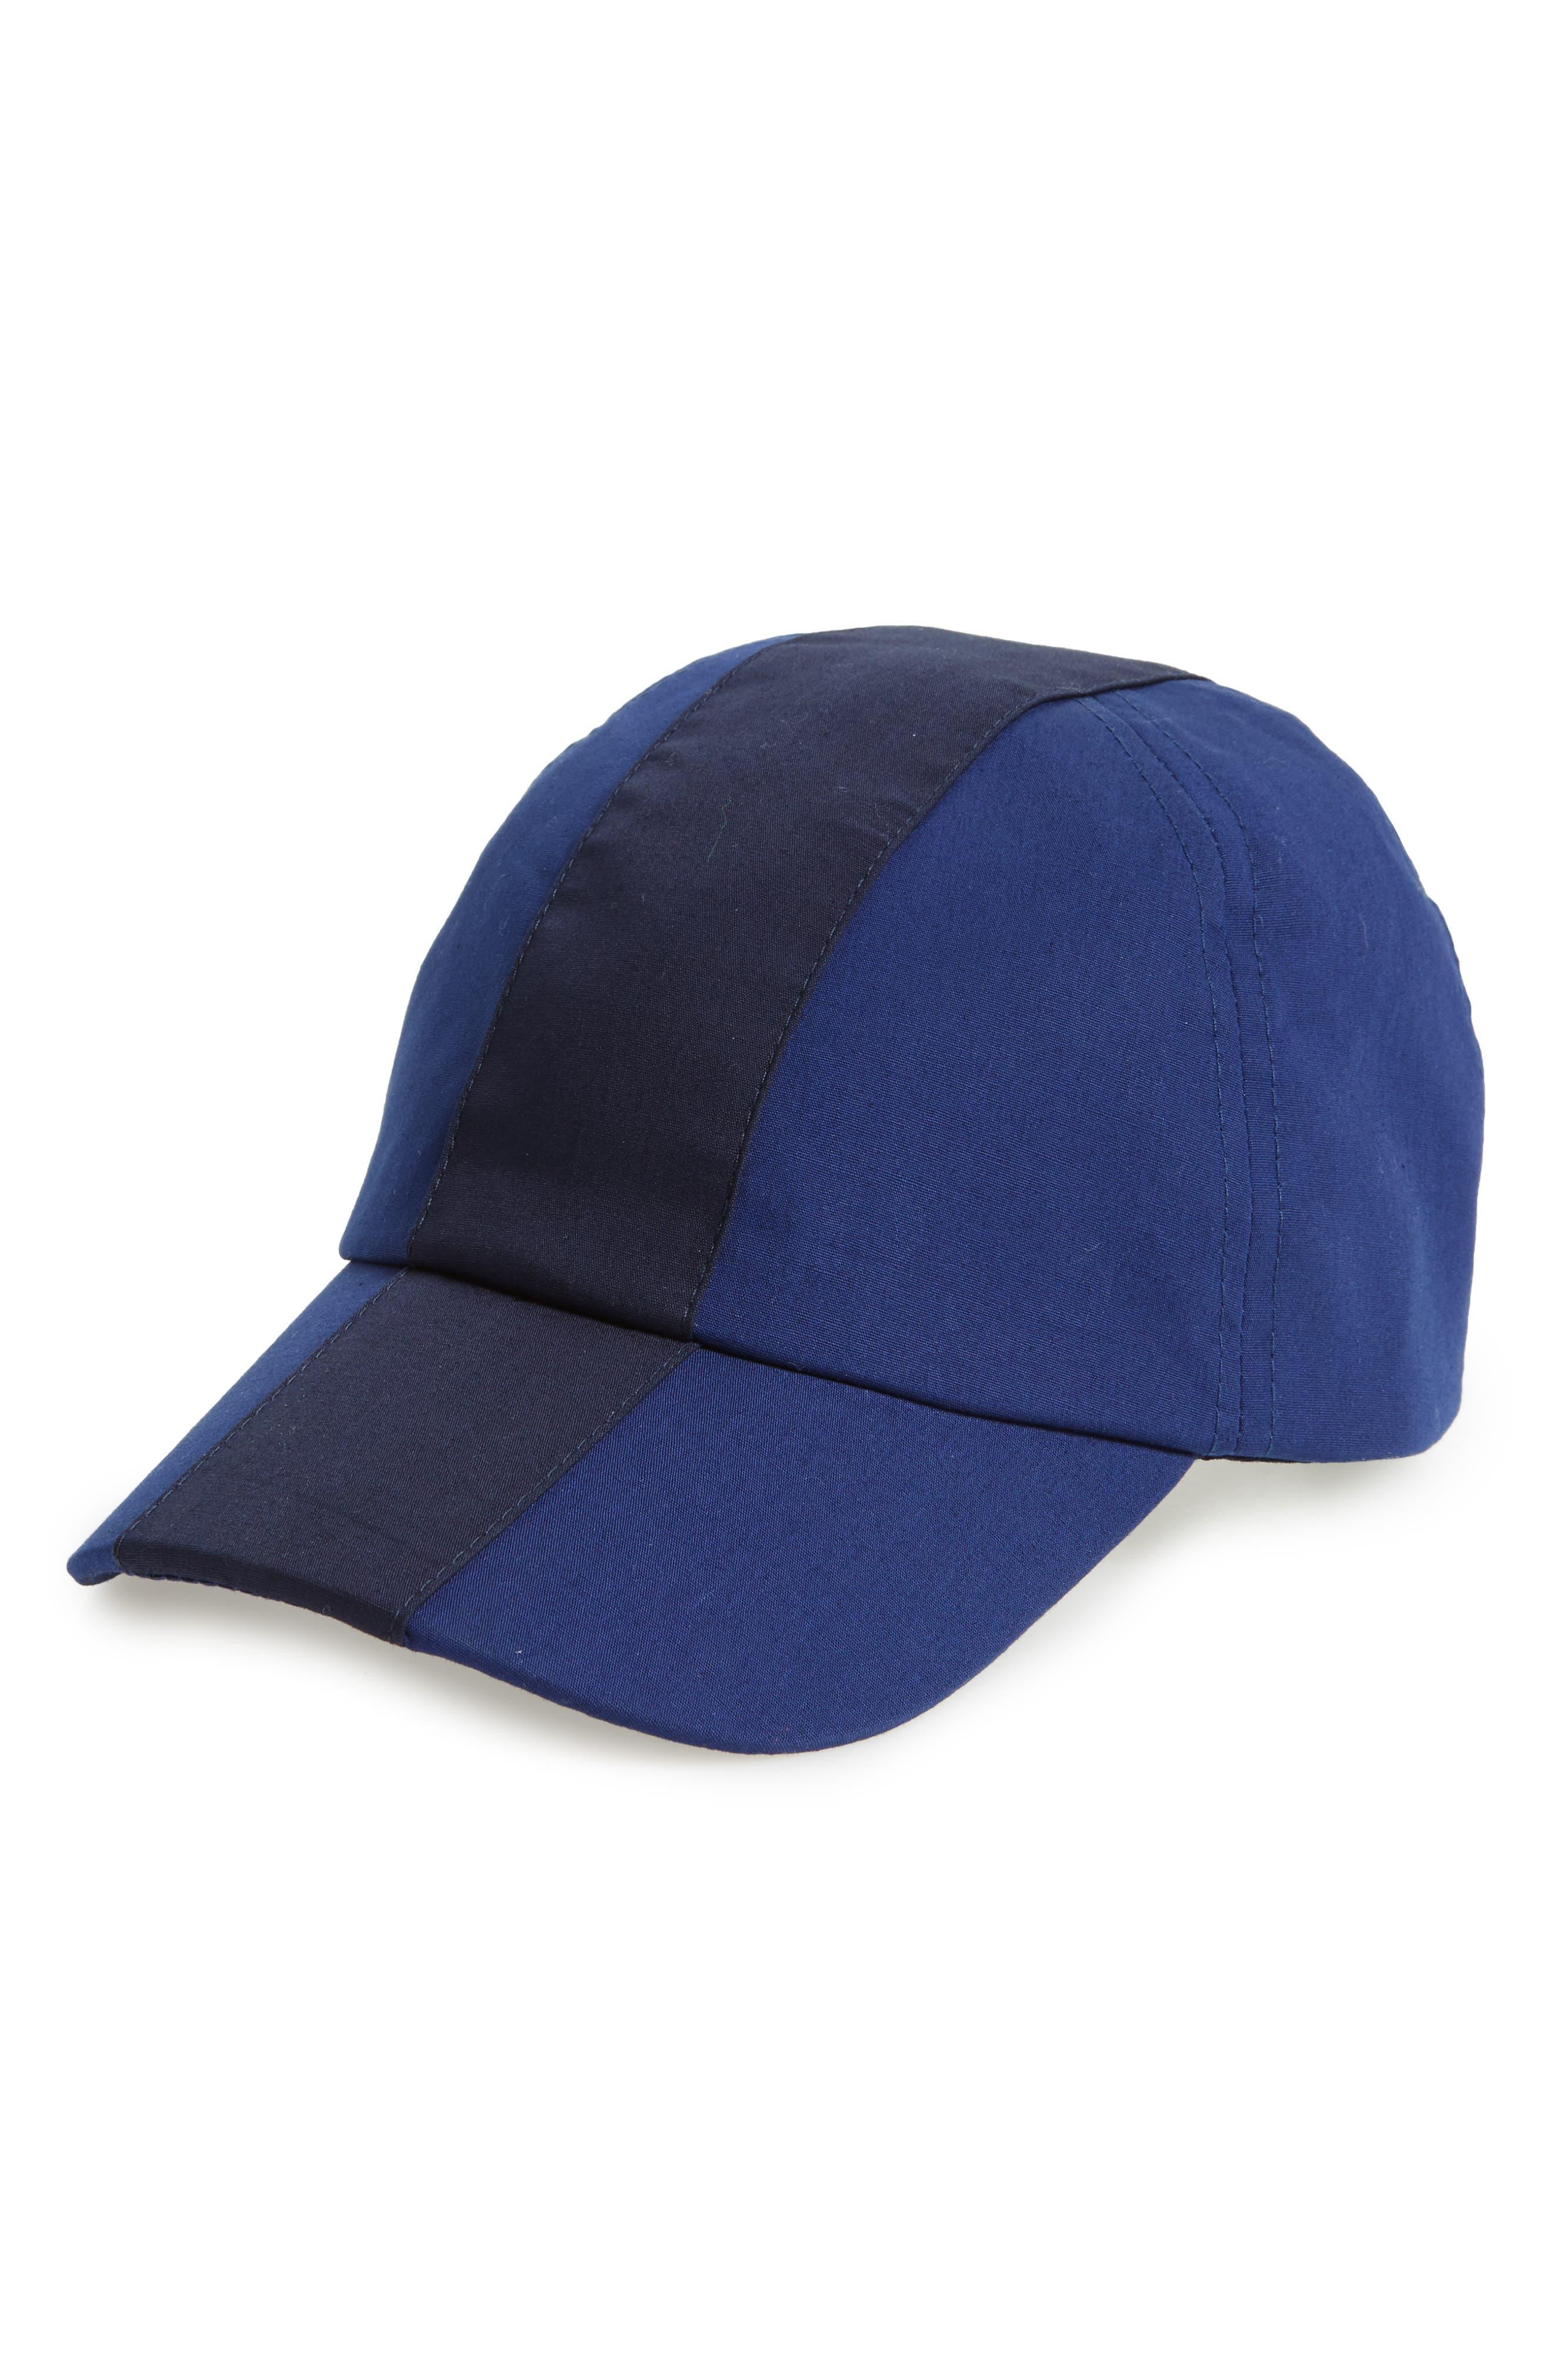 Colorblock Baseball Cap,                             Main thumbnail 1, color,                             407